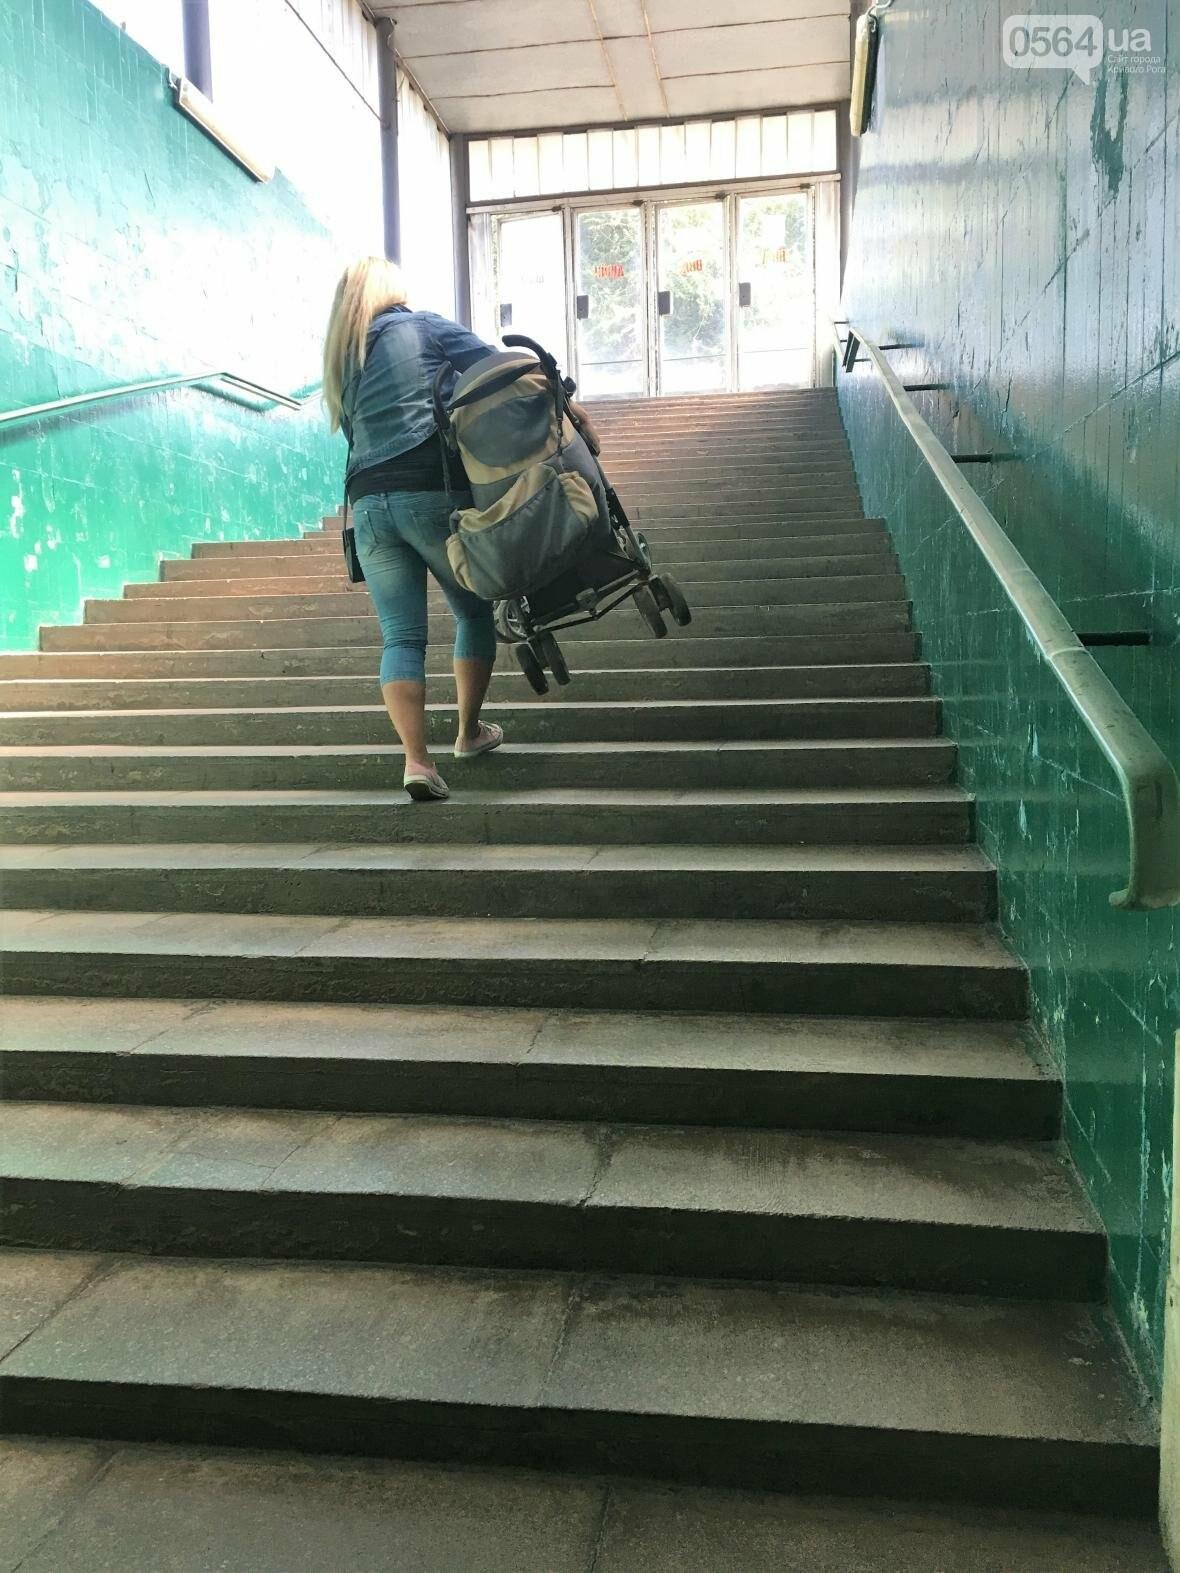 """Криворожский """"блокбастер"""": Как доехать до больницы с ребенком в коляске (ФОТО), фото-35"""